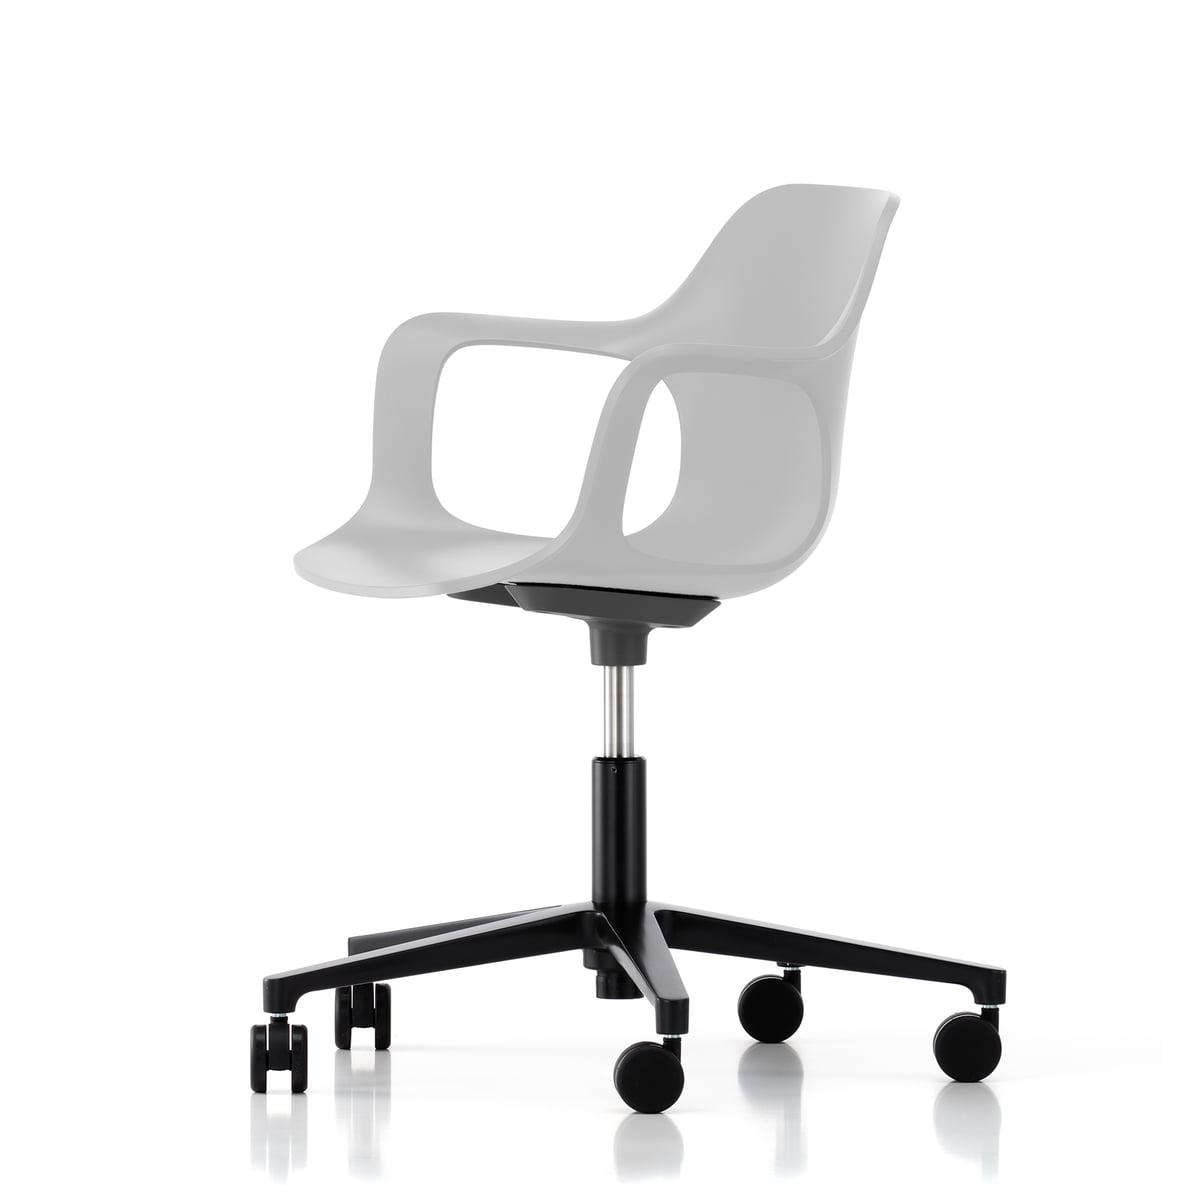 Vitra - Hal Studio Bürodrehstuhl, weiß / basic dark   Büro > Bürostühle und Sessel  > Bürostühle   Weiß   Vitra